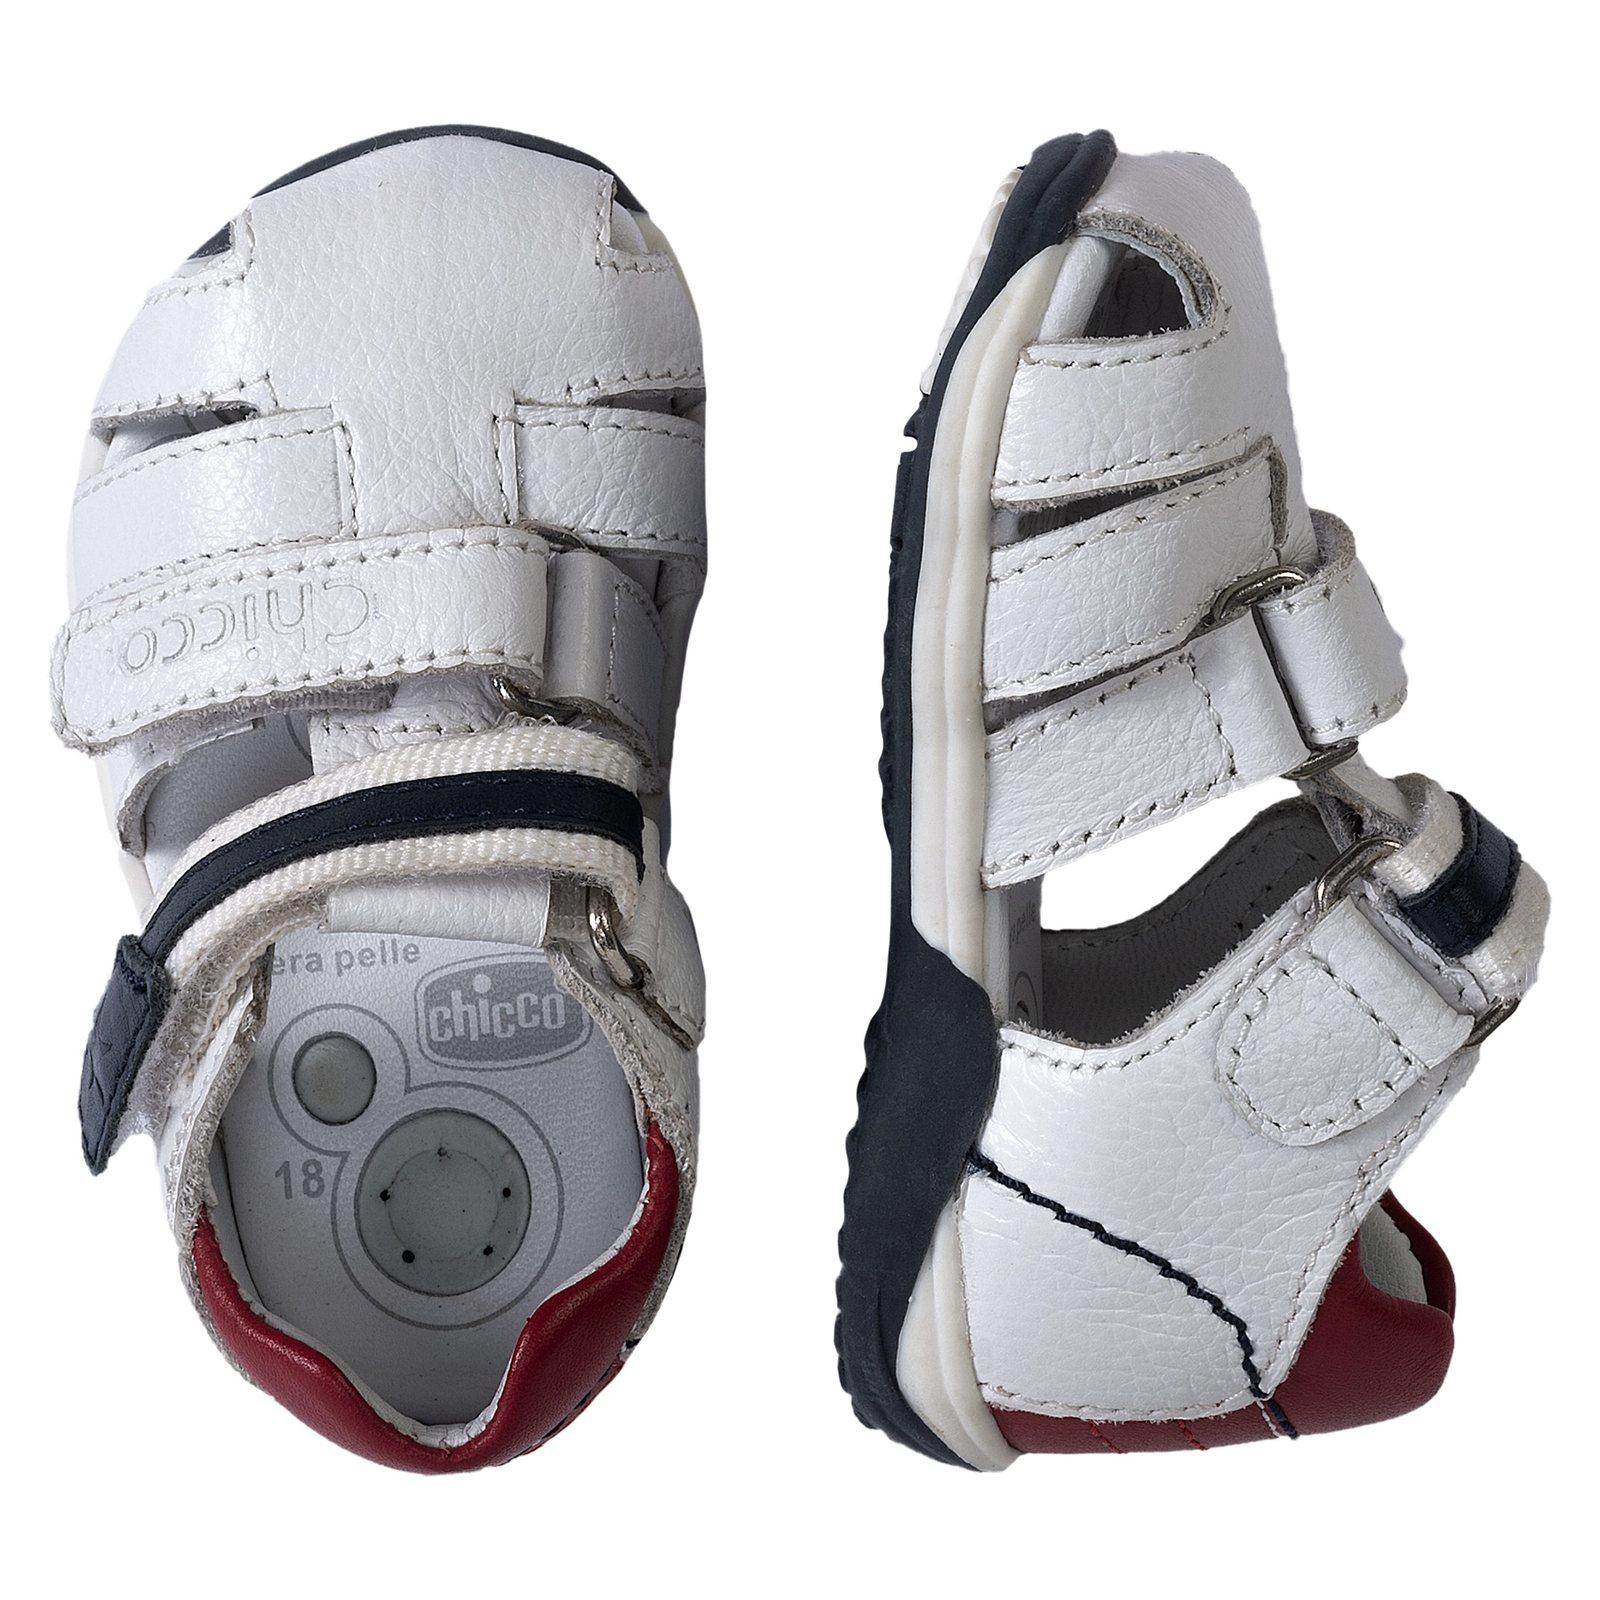 Chicco Online Gioiello Su Bambino BiancoAcquista Sandalo Shop NnOvm8wPy0